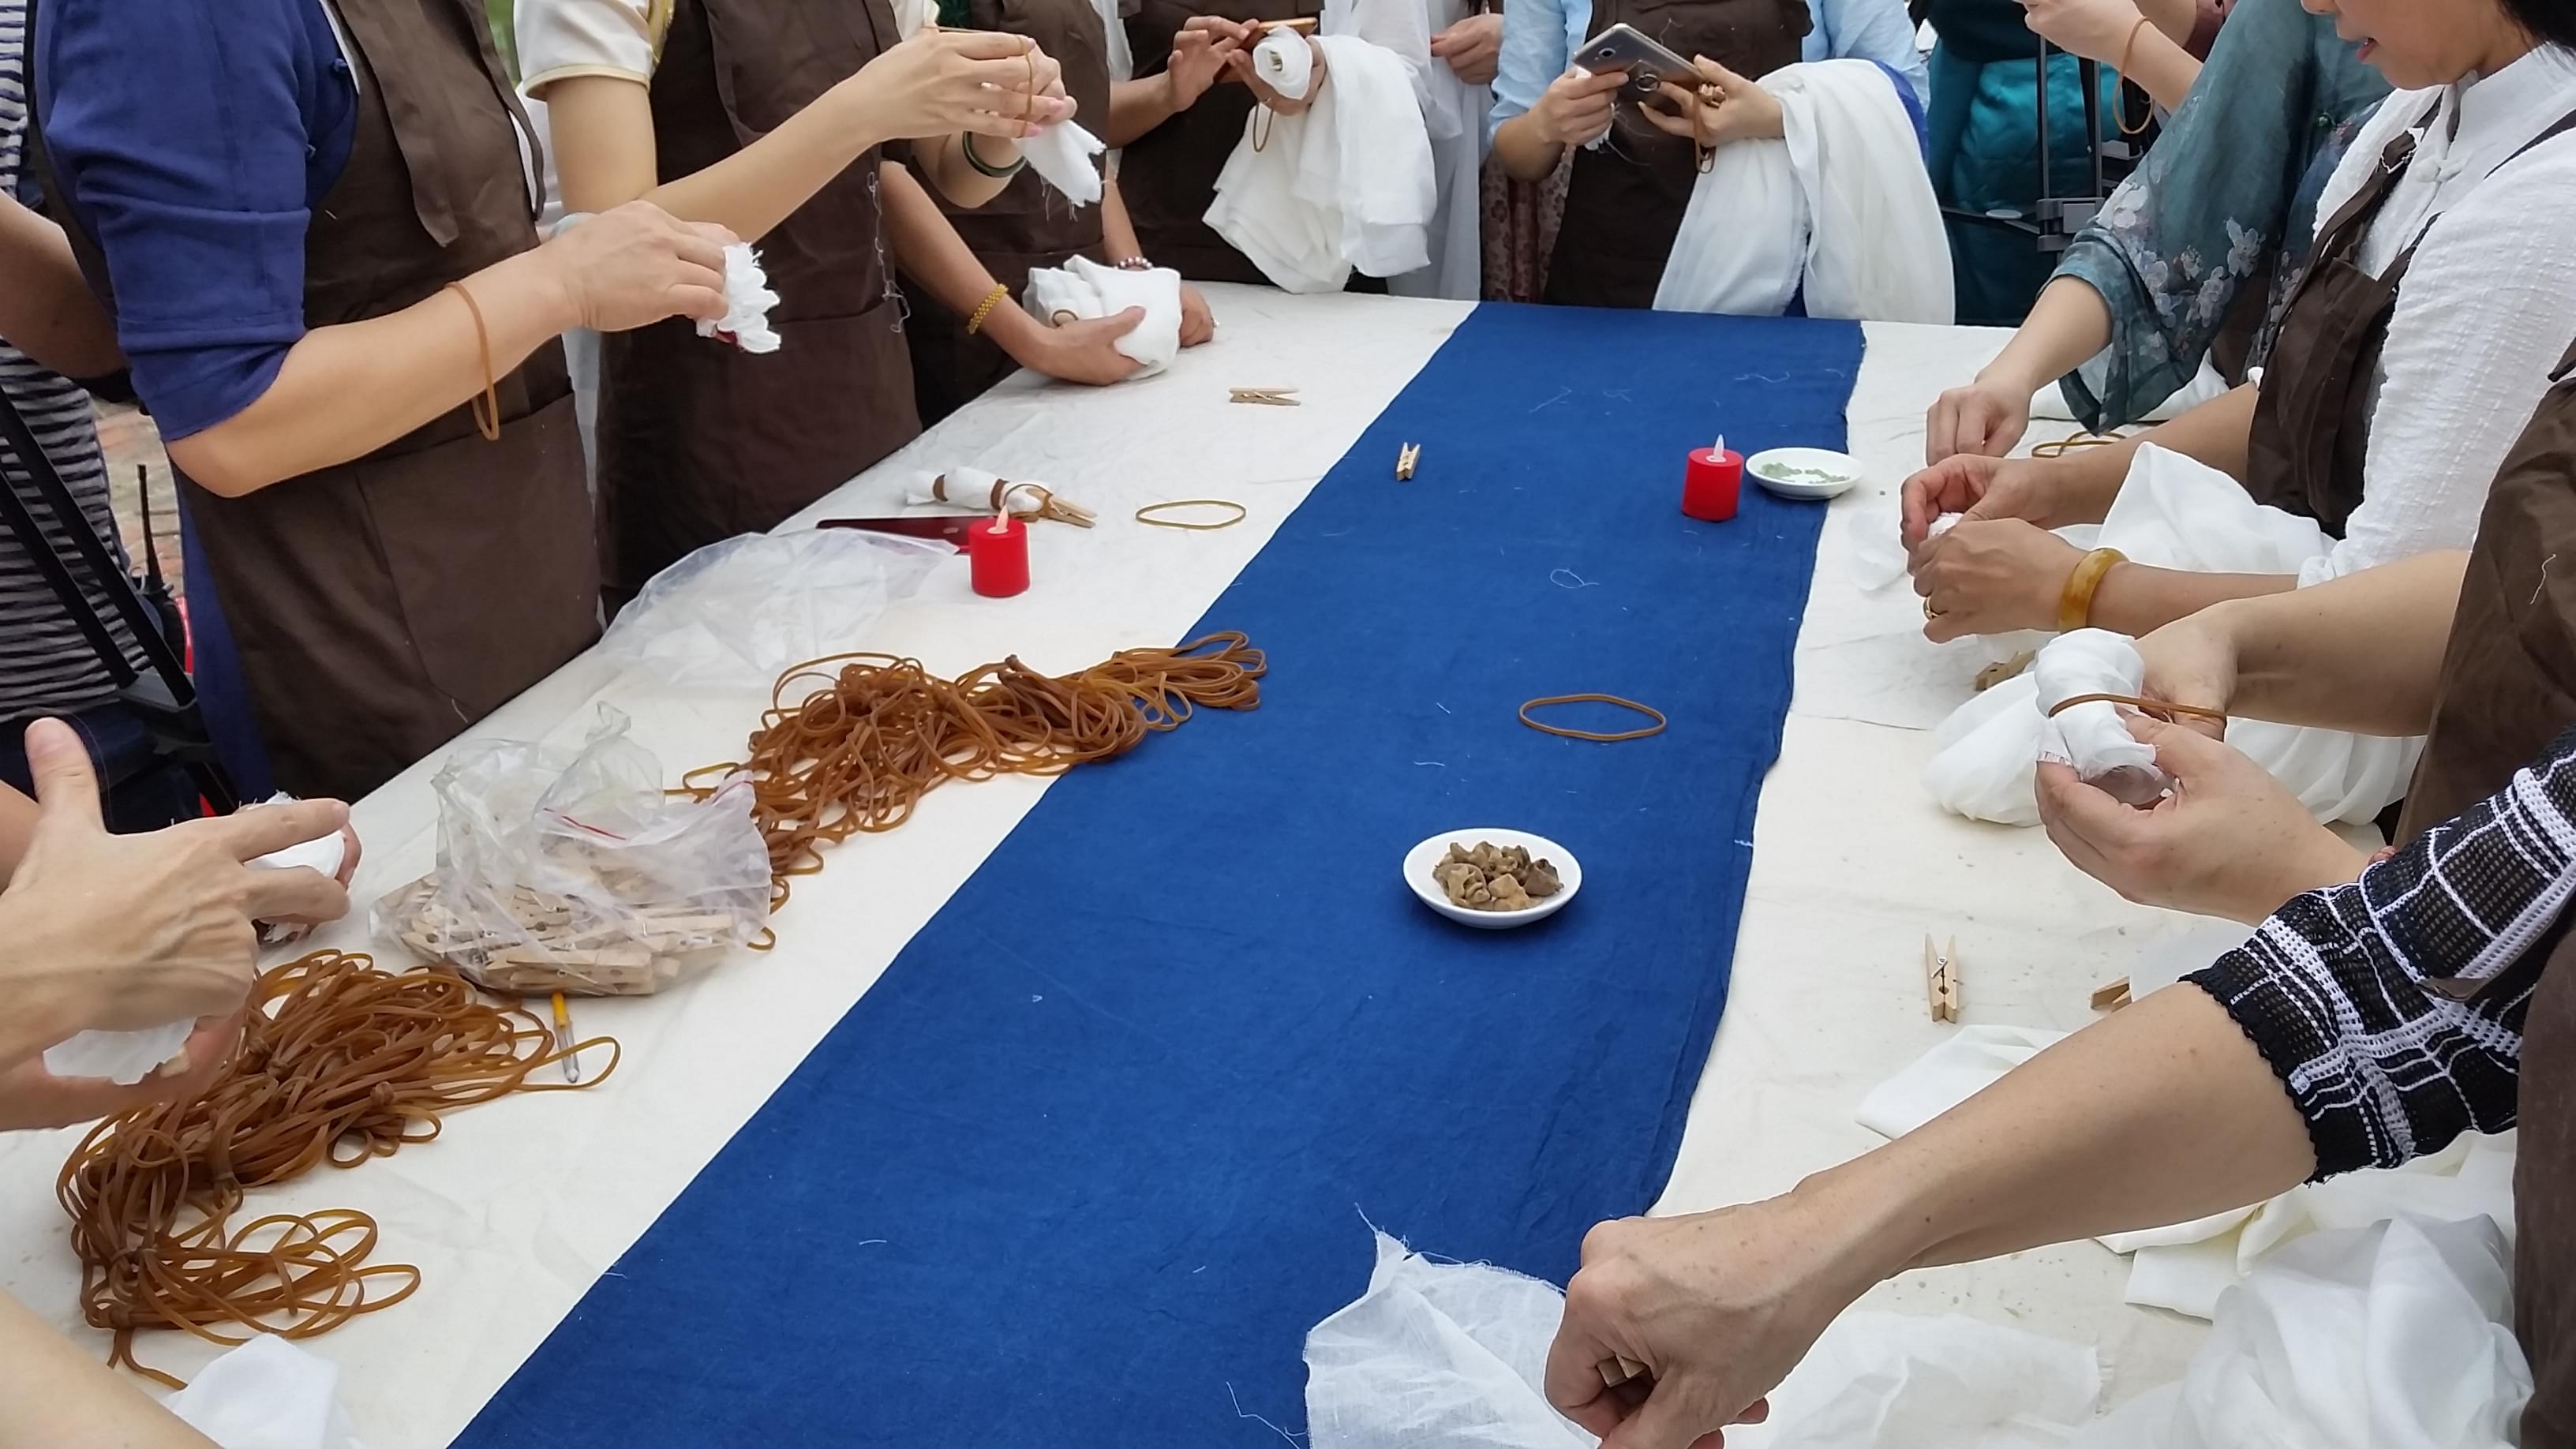 想知道旗袍怎么制作吗?旗袍协会老师现场手把手教你